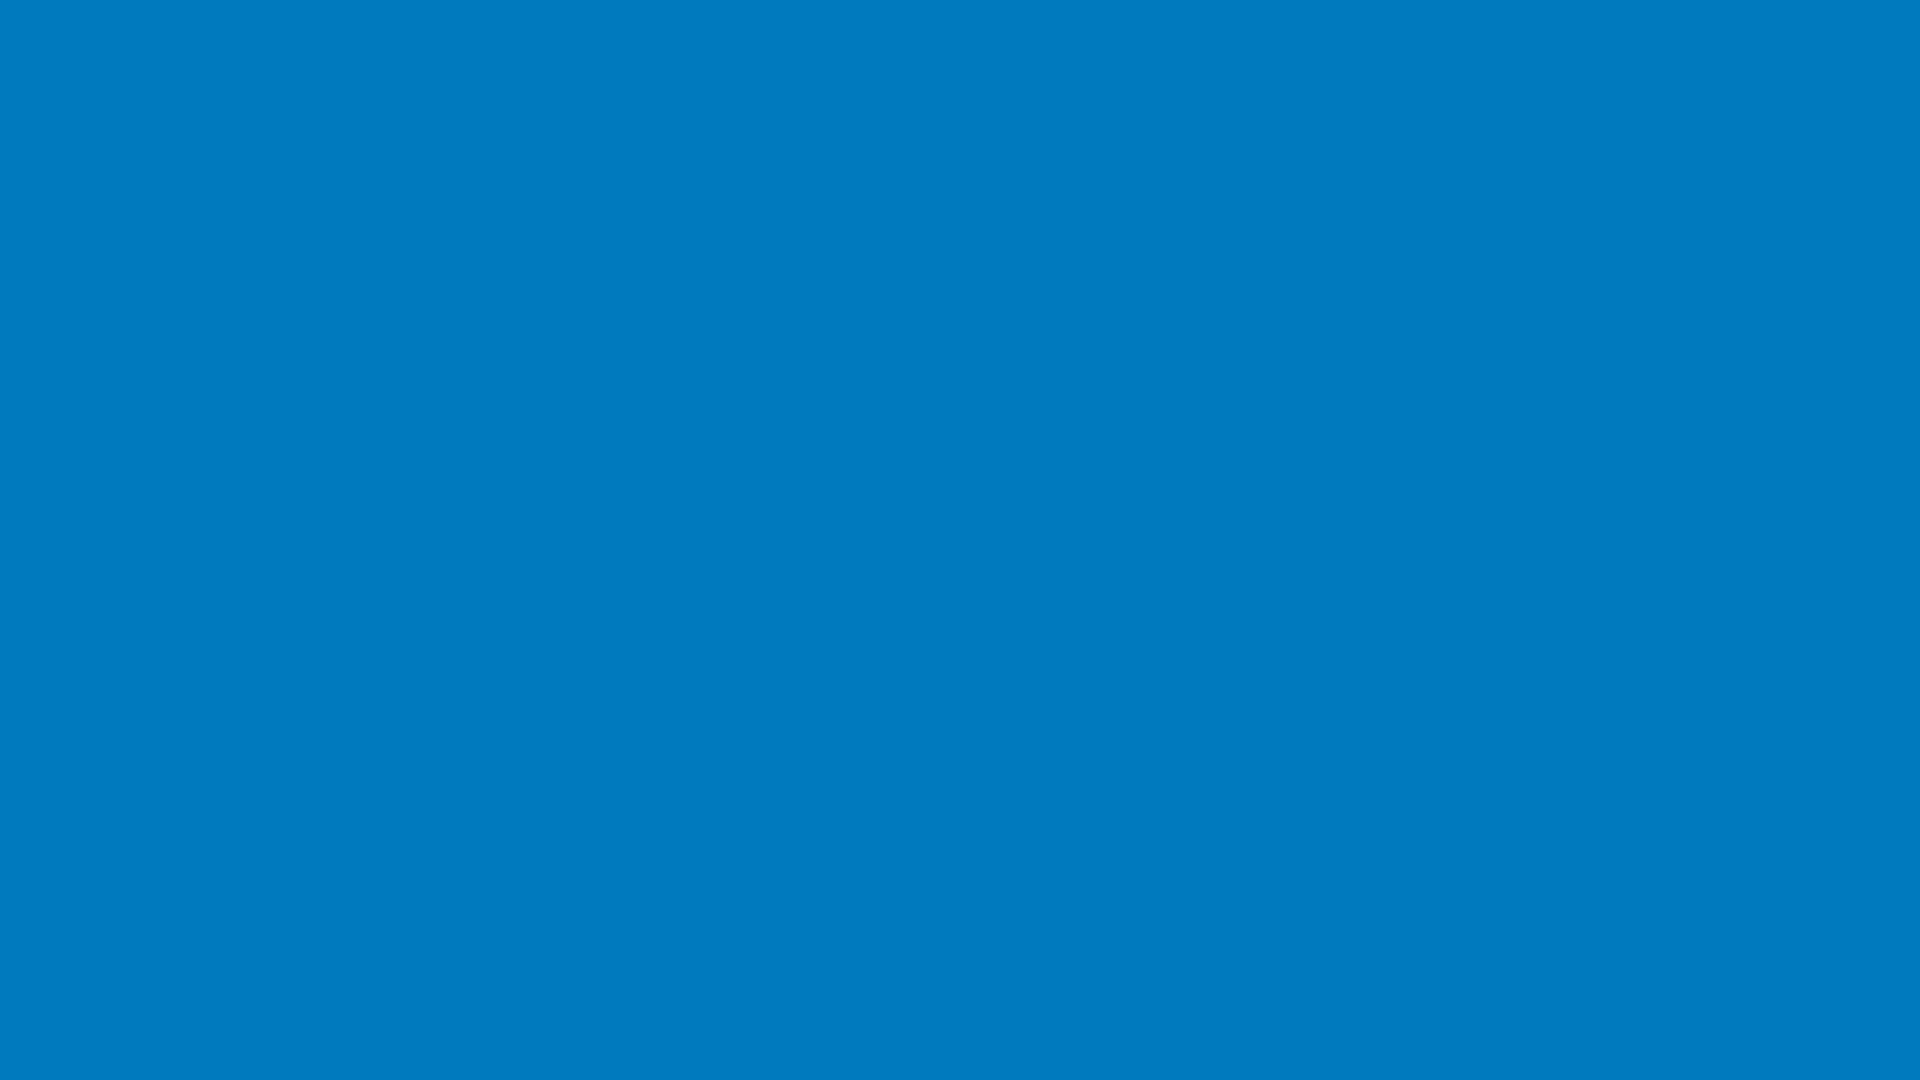 Textures/Bleu.png